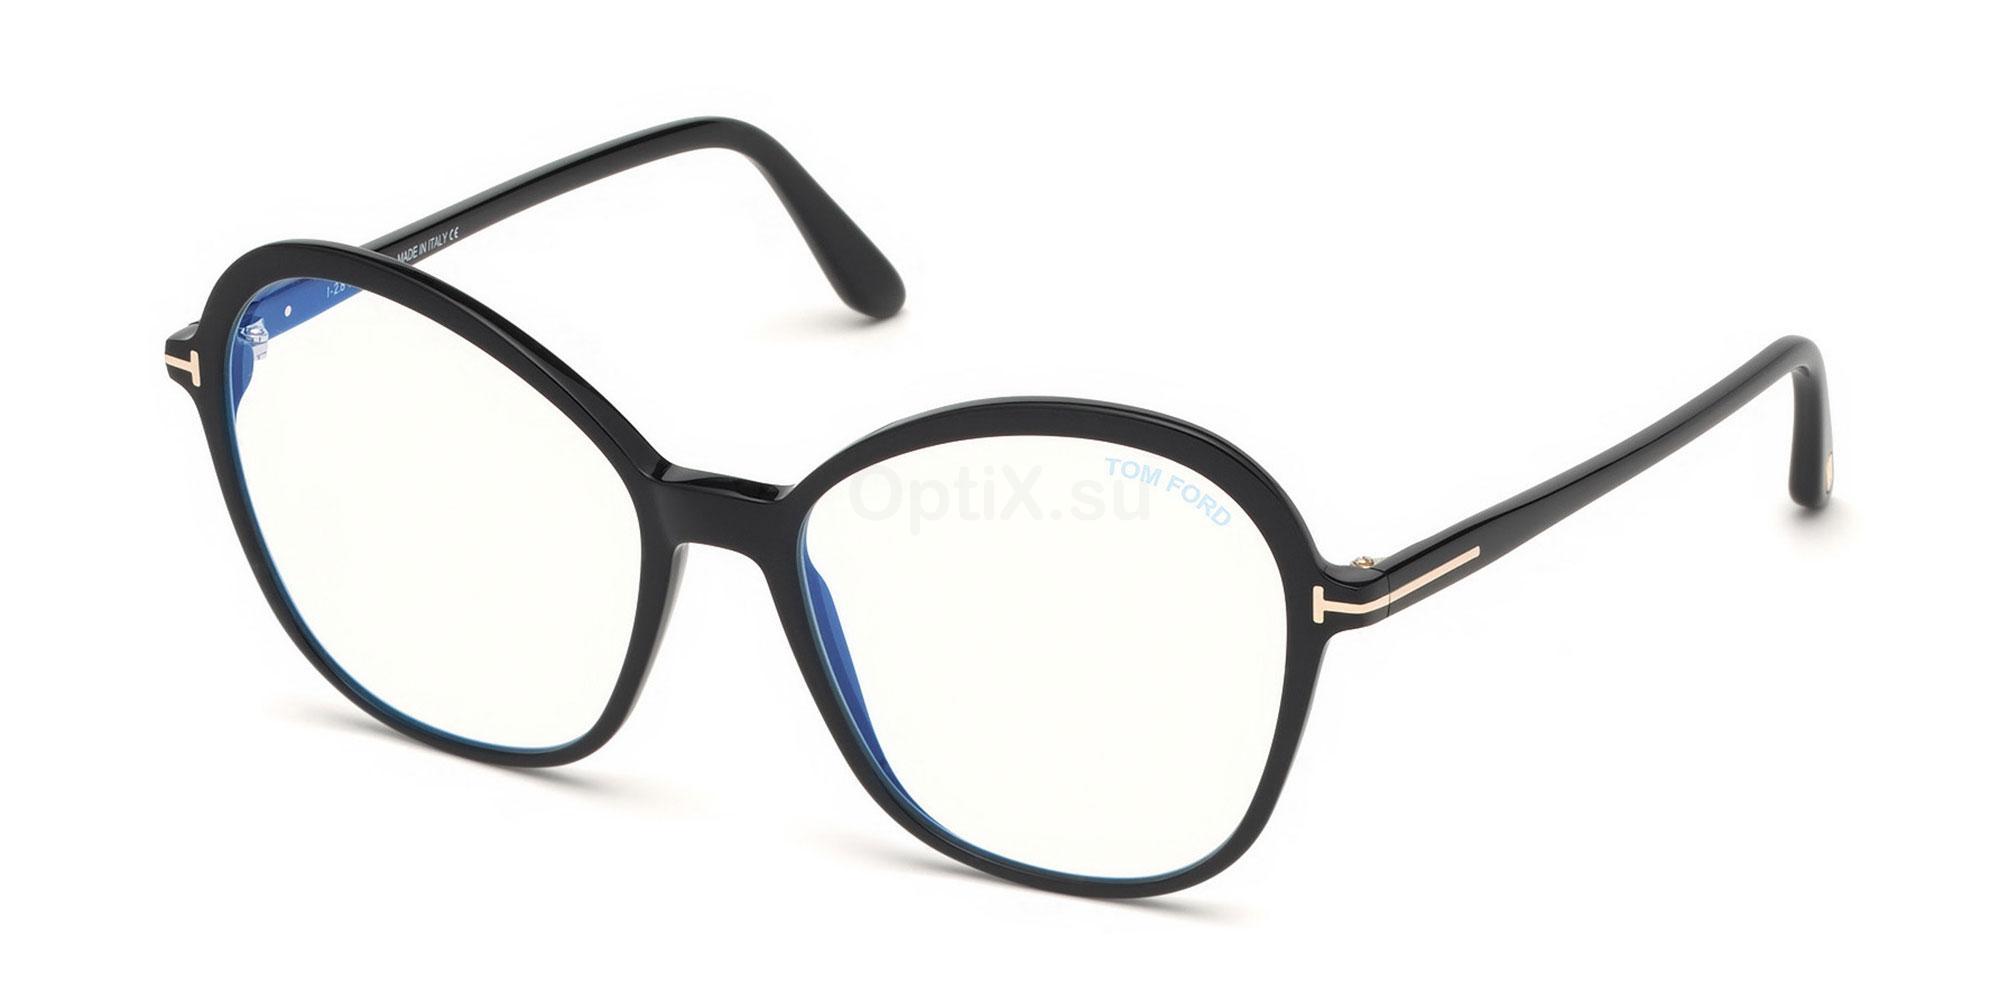 001 FT5577-B Glasses, Tom Ford